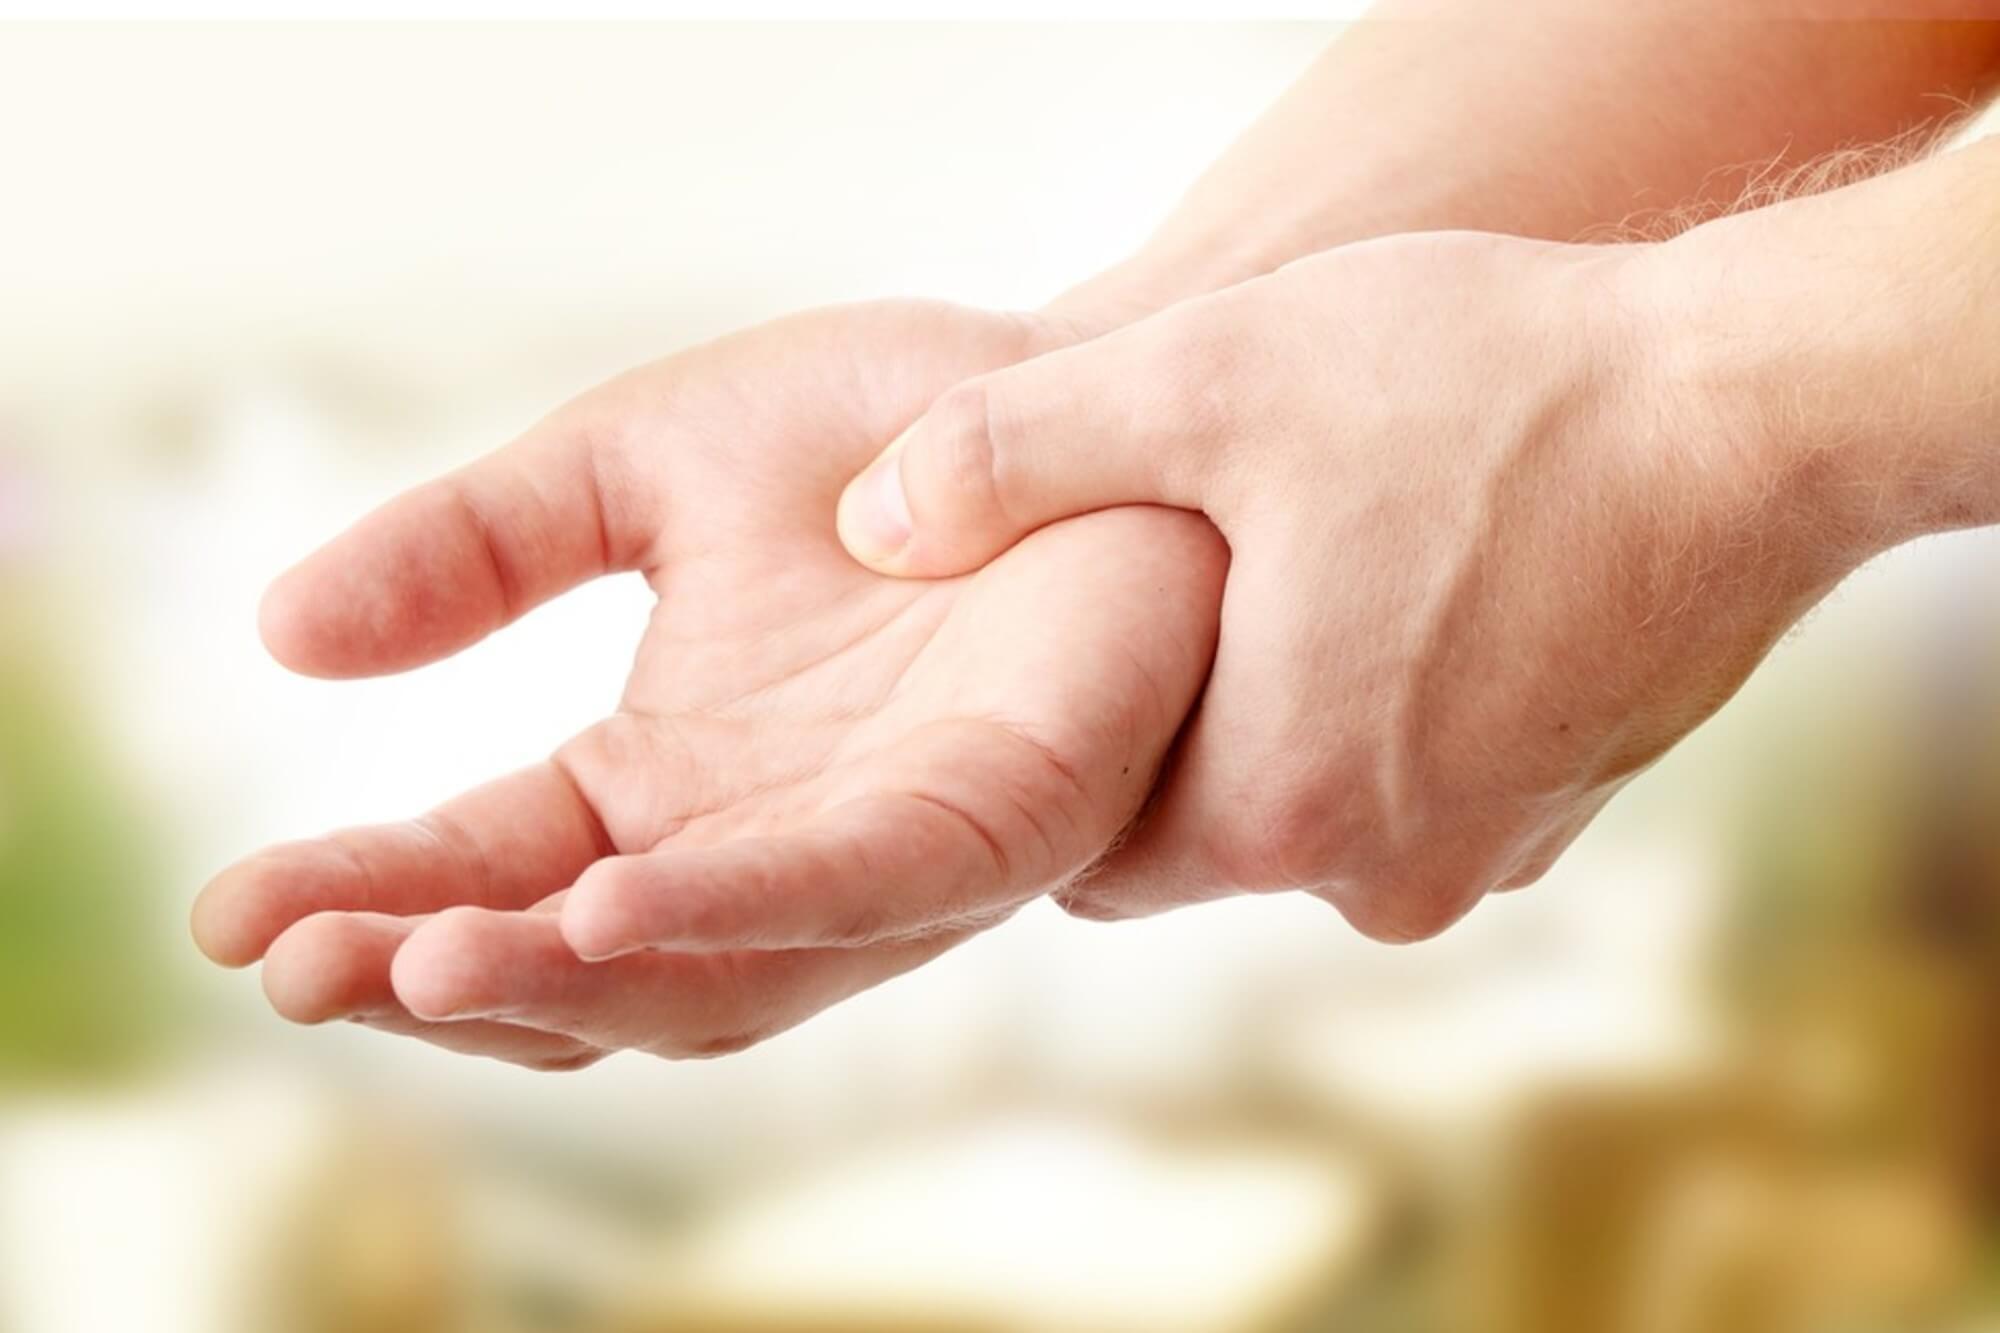 Mikor forduljon orvoshoz ízületi fájdalmával? - fájdalomportáseovizsgalat.hu